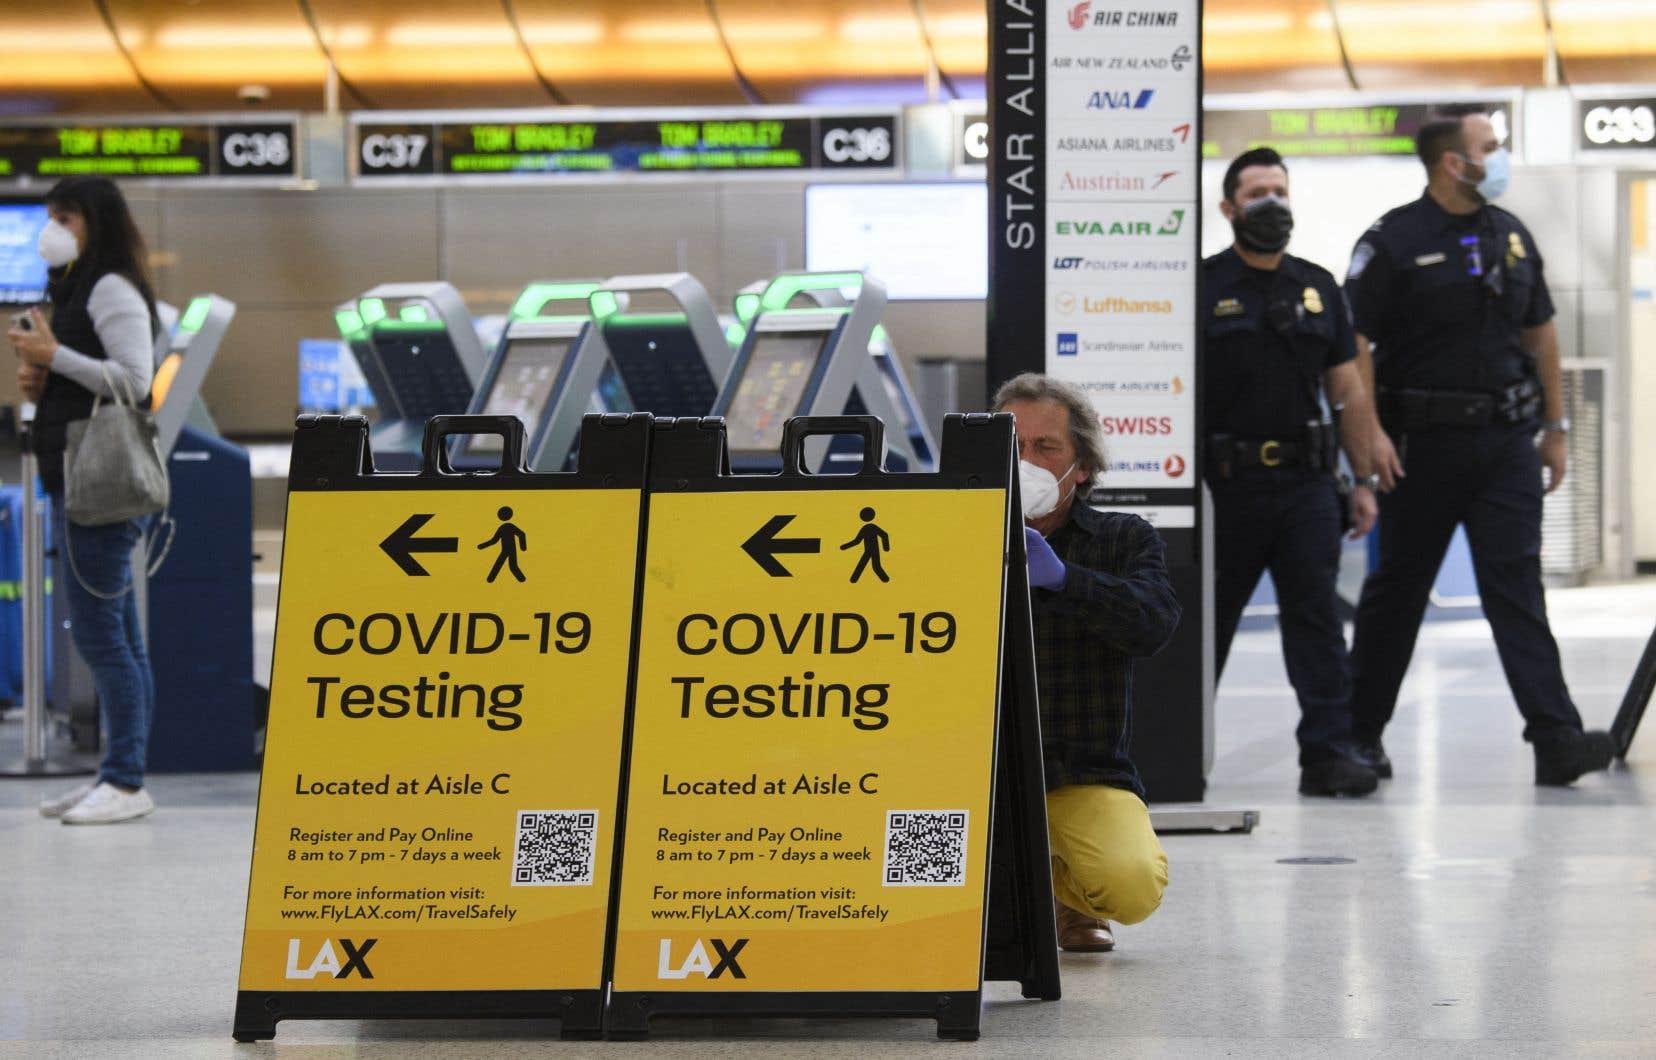 L'aéroport de Los Angeles, dans l'État de la Californie, où la pandémie de COVID-19 fait rage.